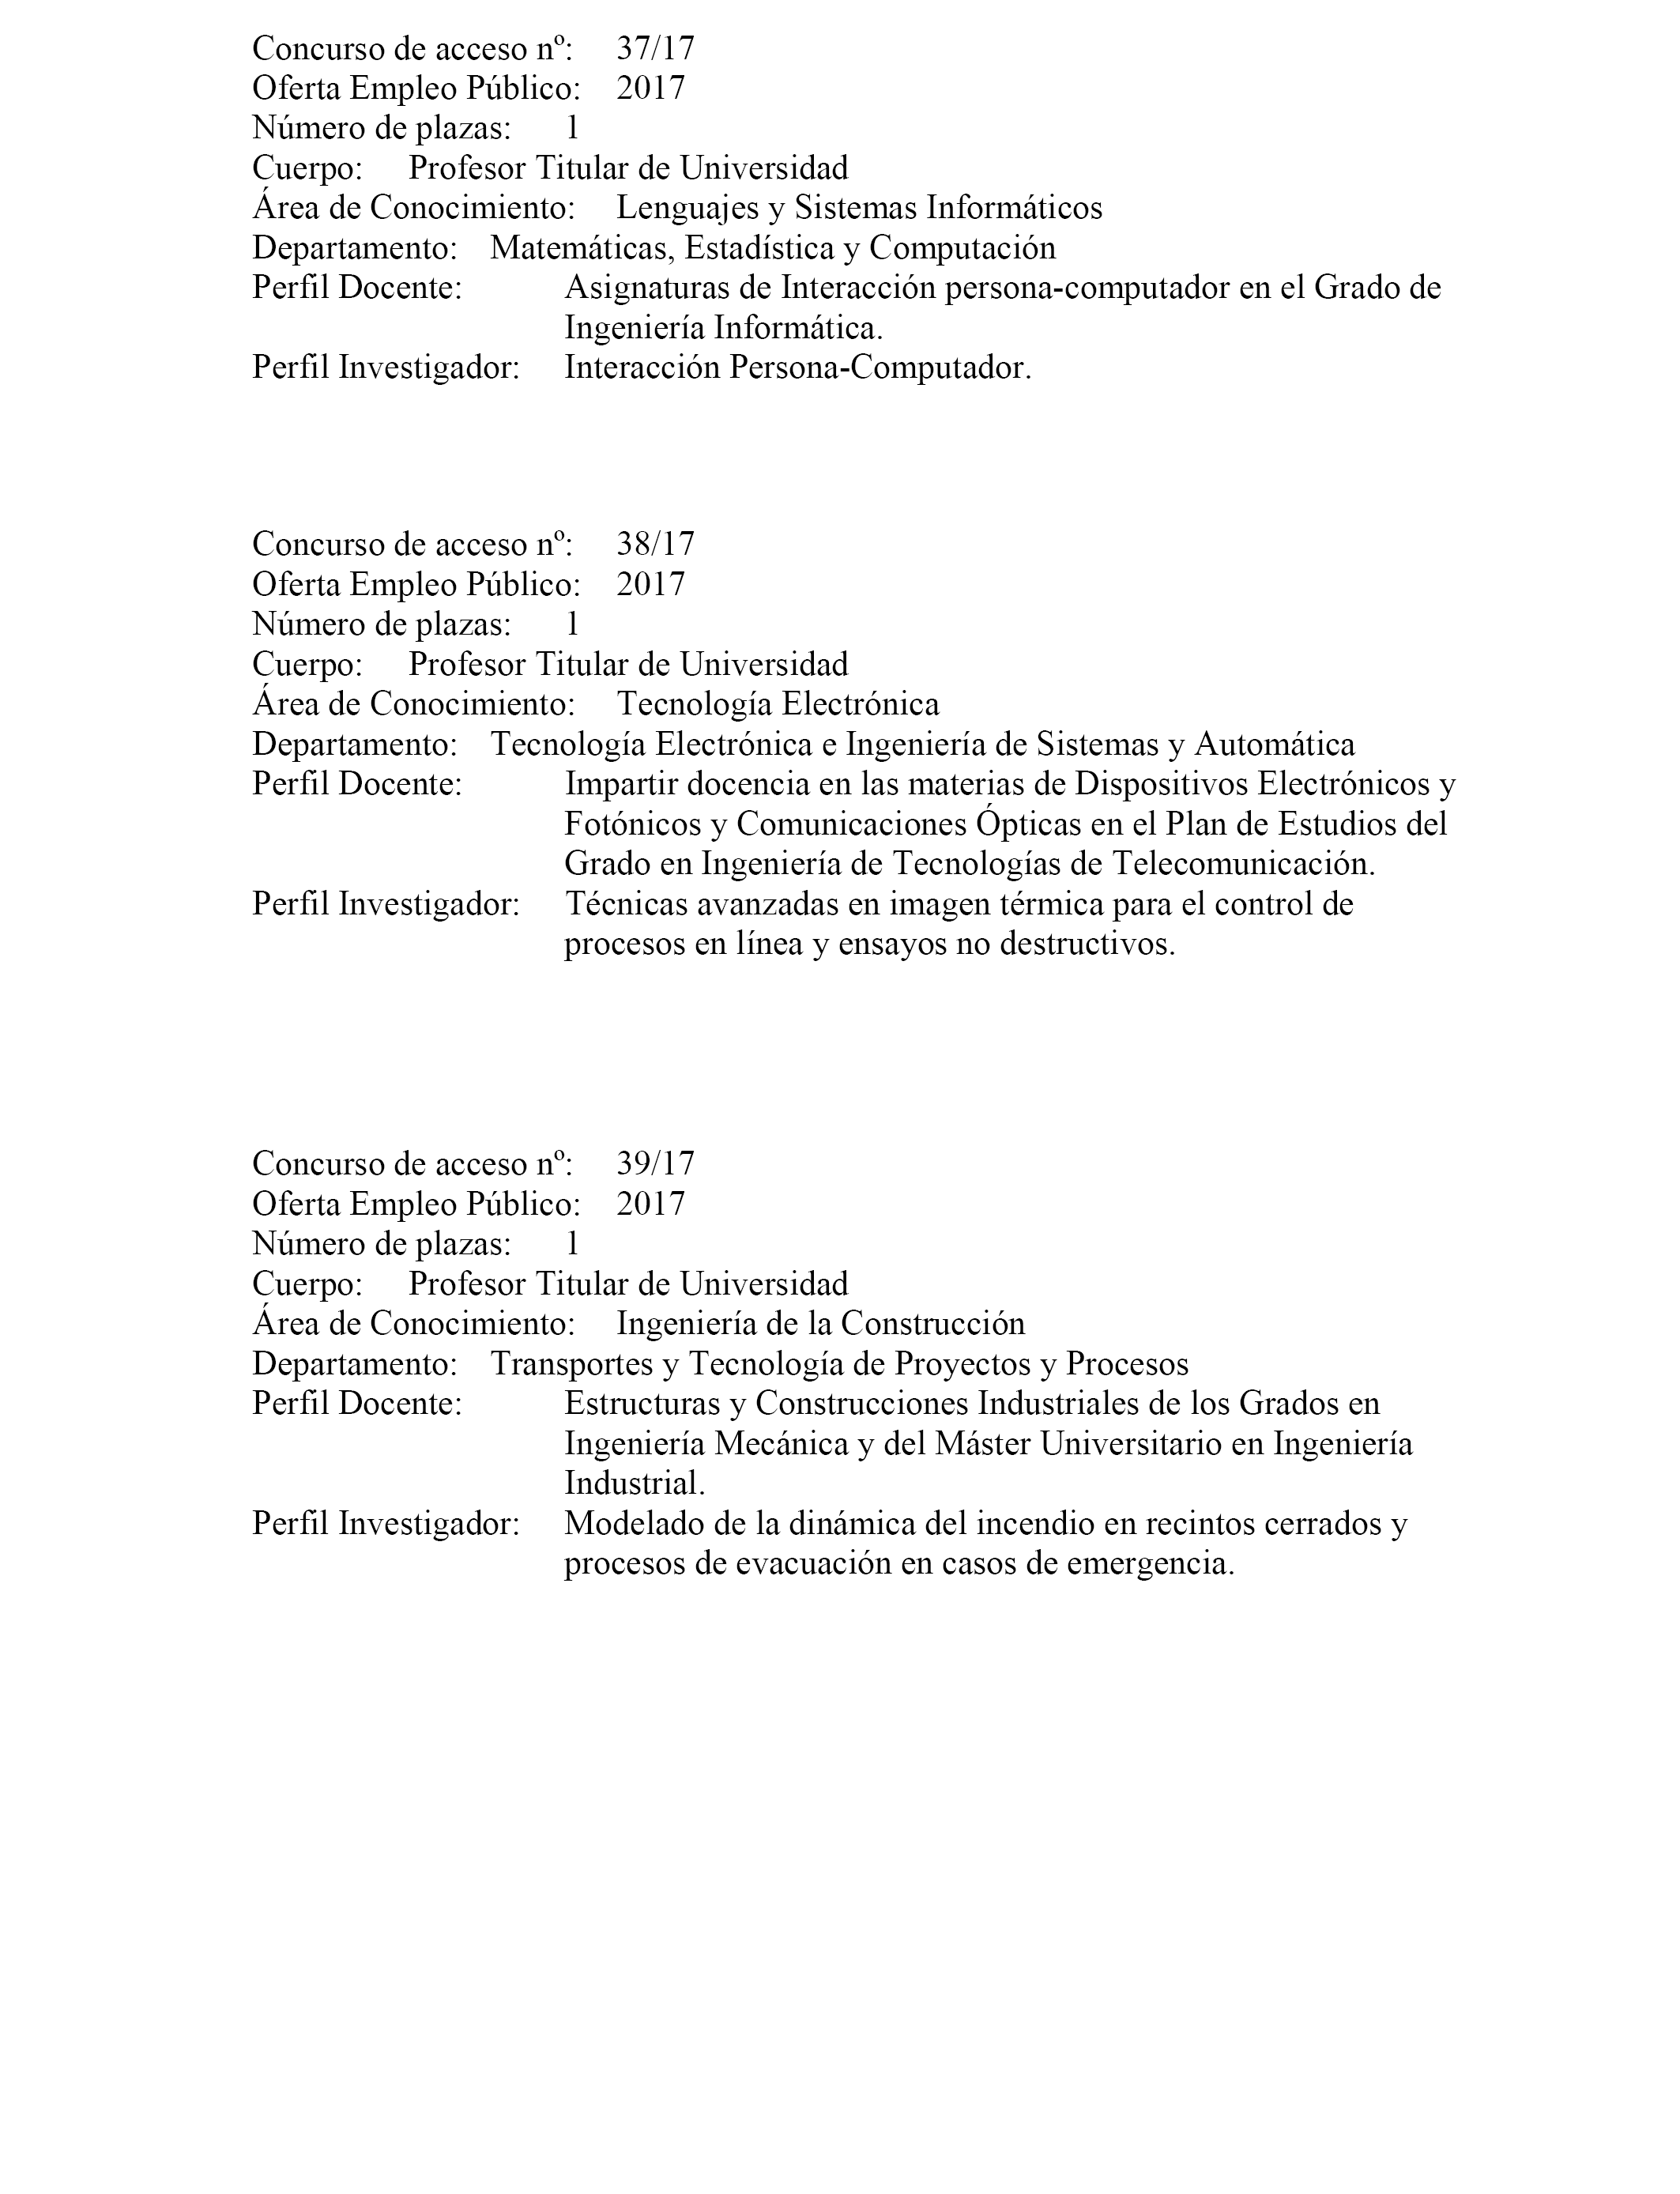 Atractivo Reanudar Ingeniero En Computación Componente - Colección ...